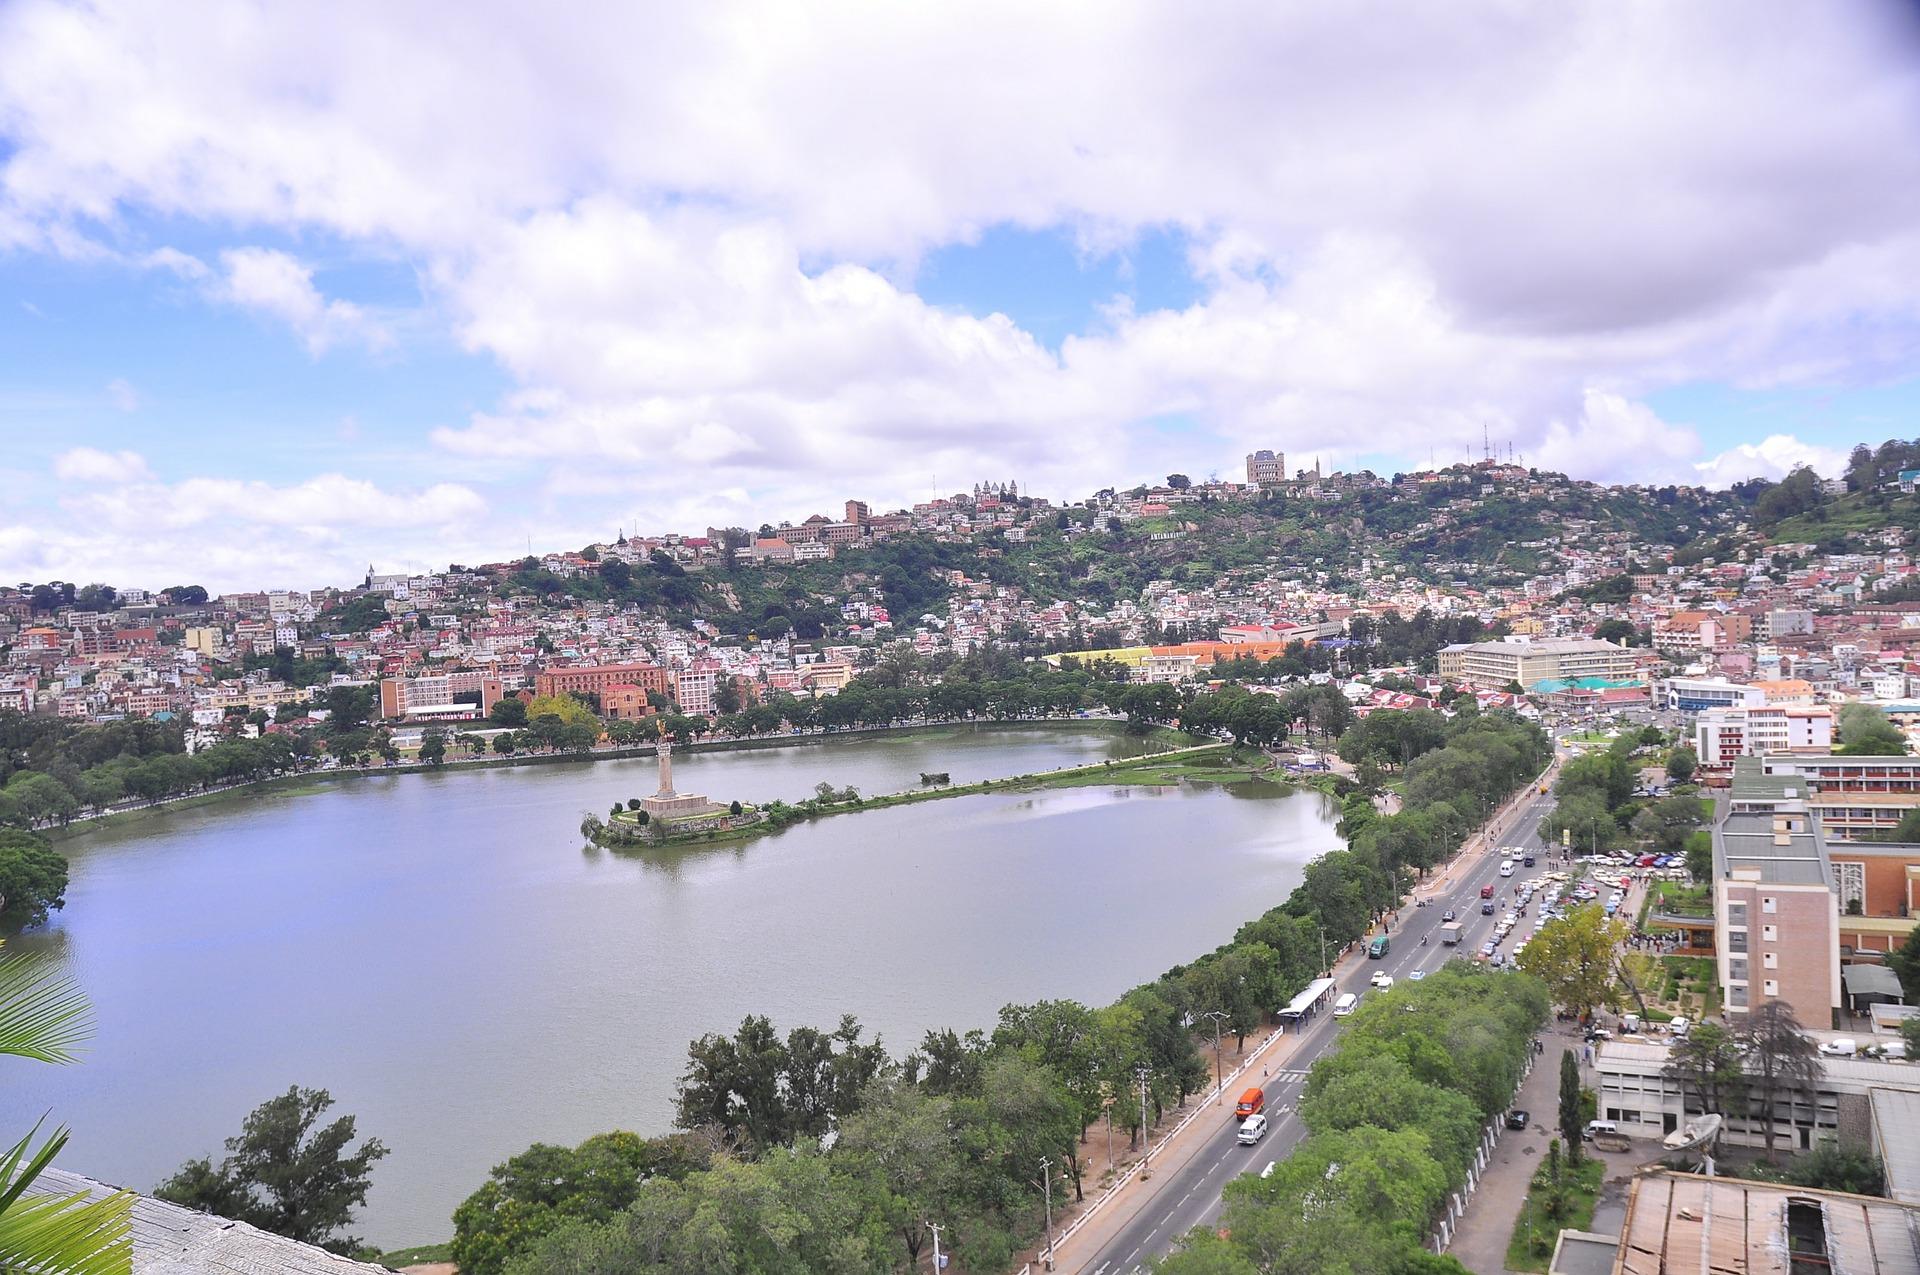 Vue panoramique sur Antananarivo à Madagascar